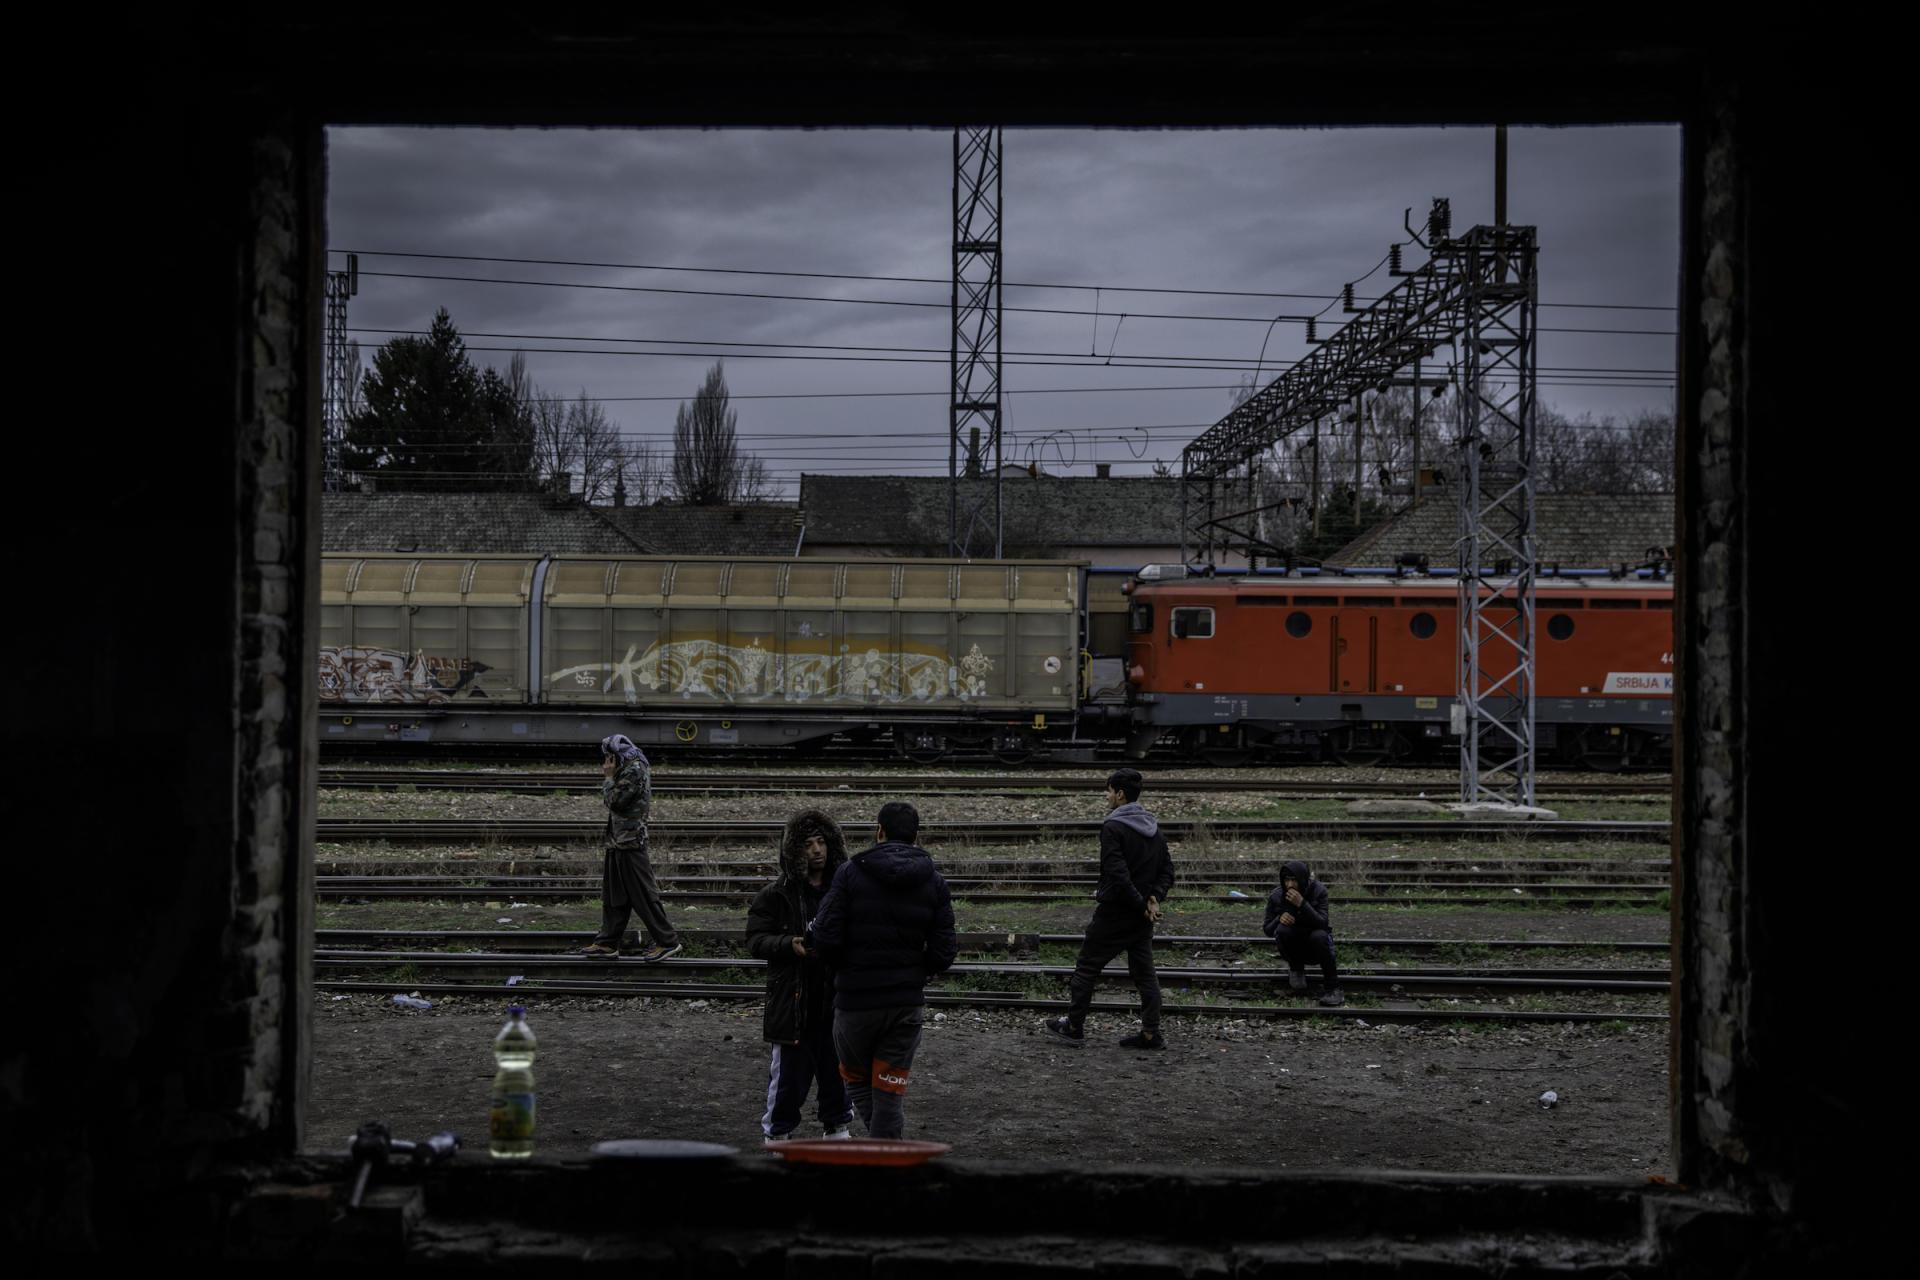 Dans la remise délabrée de la gare de Subotica, dans le nord de la Serbie, près de la frontière communautaire hongroise.